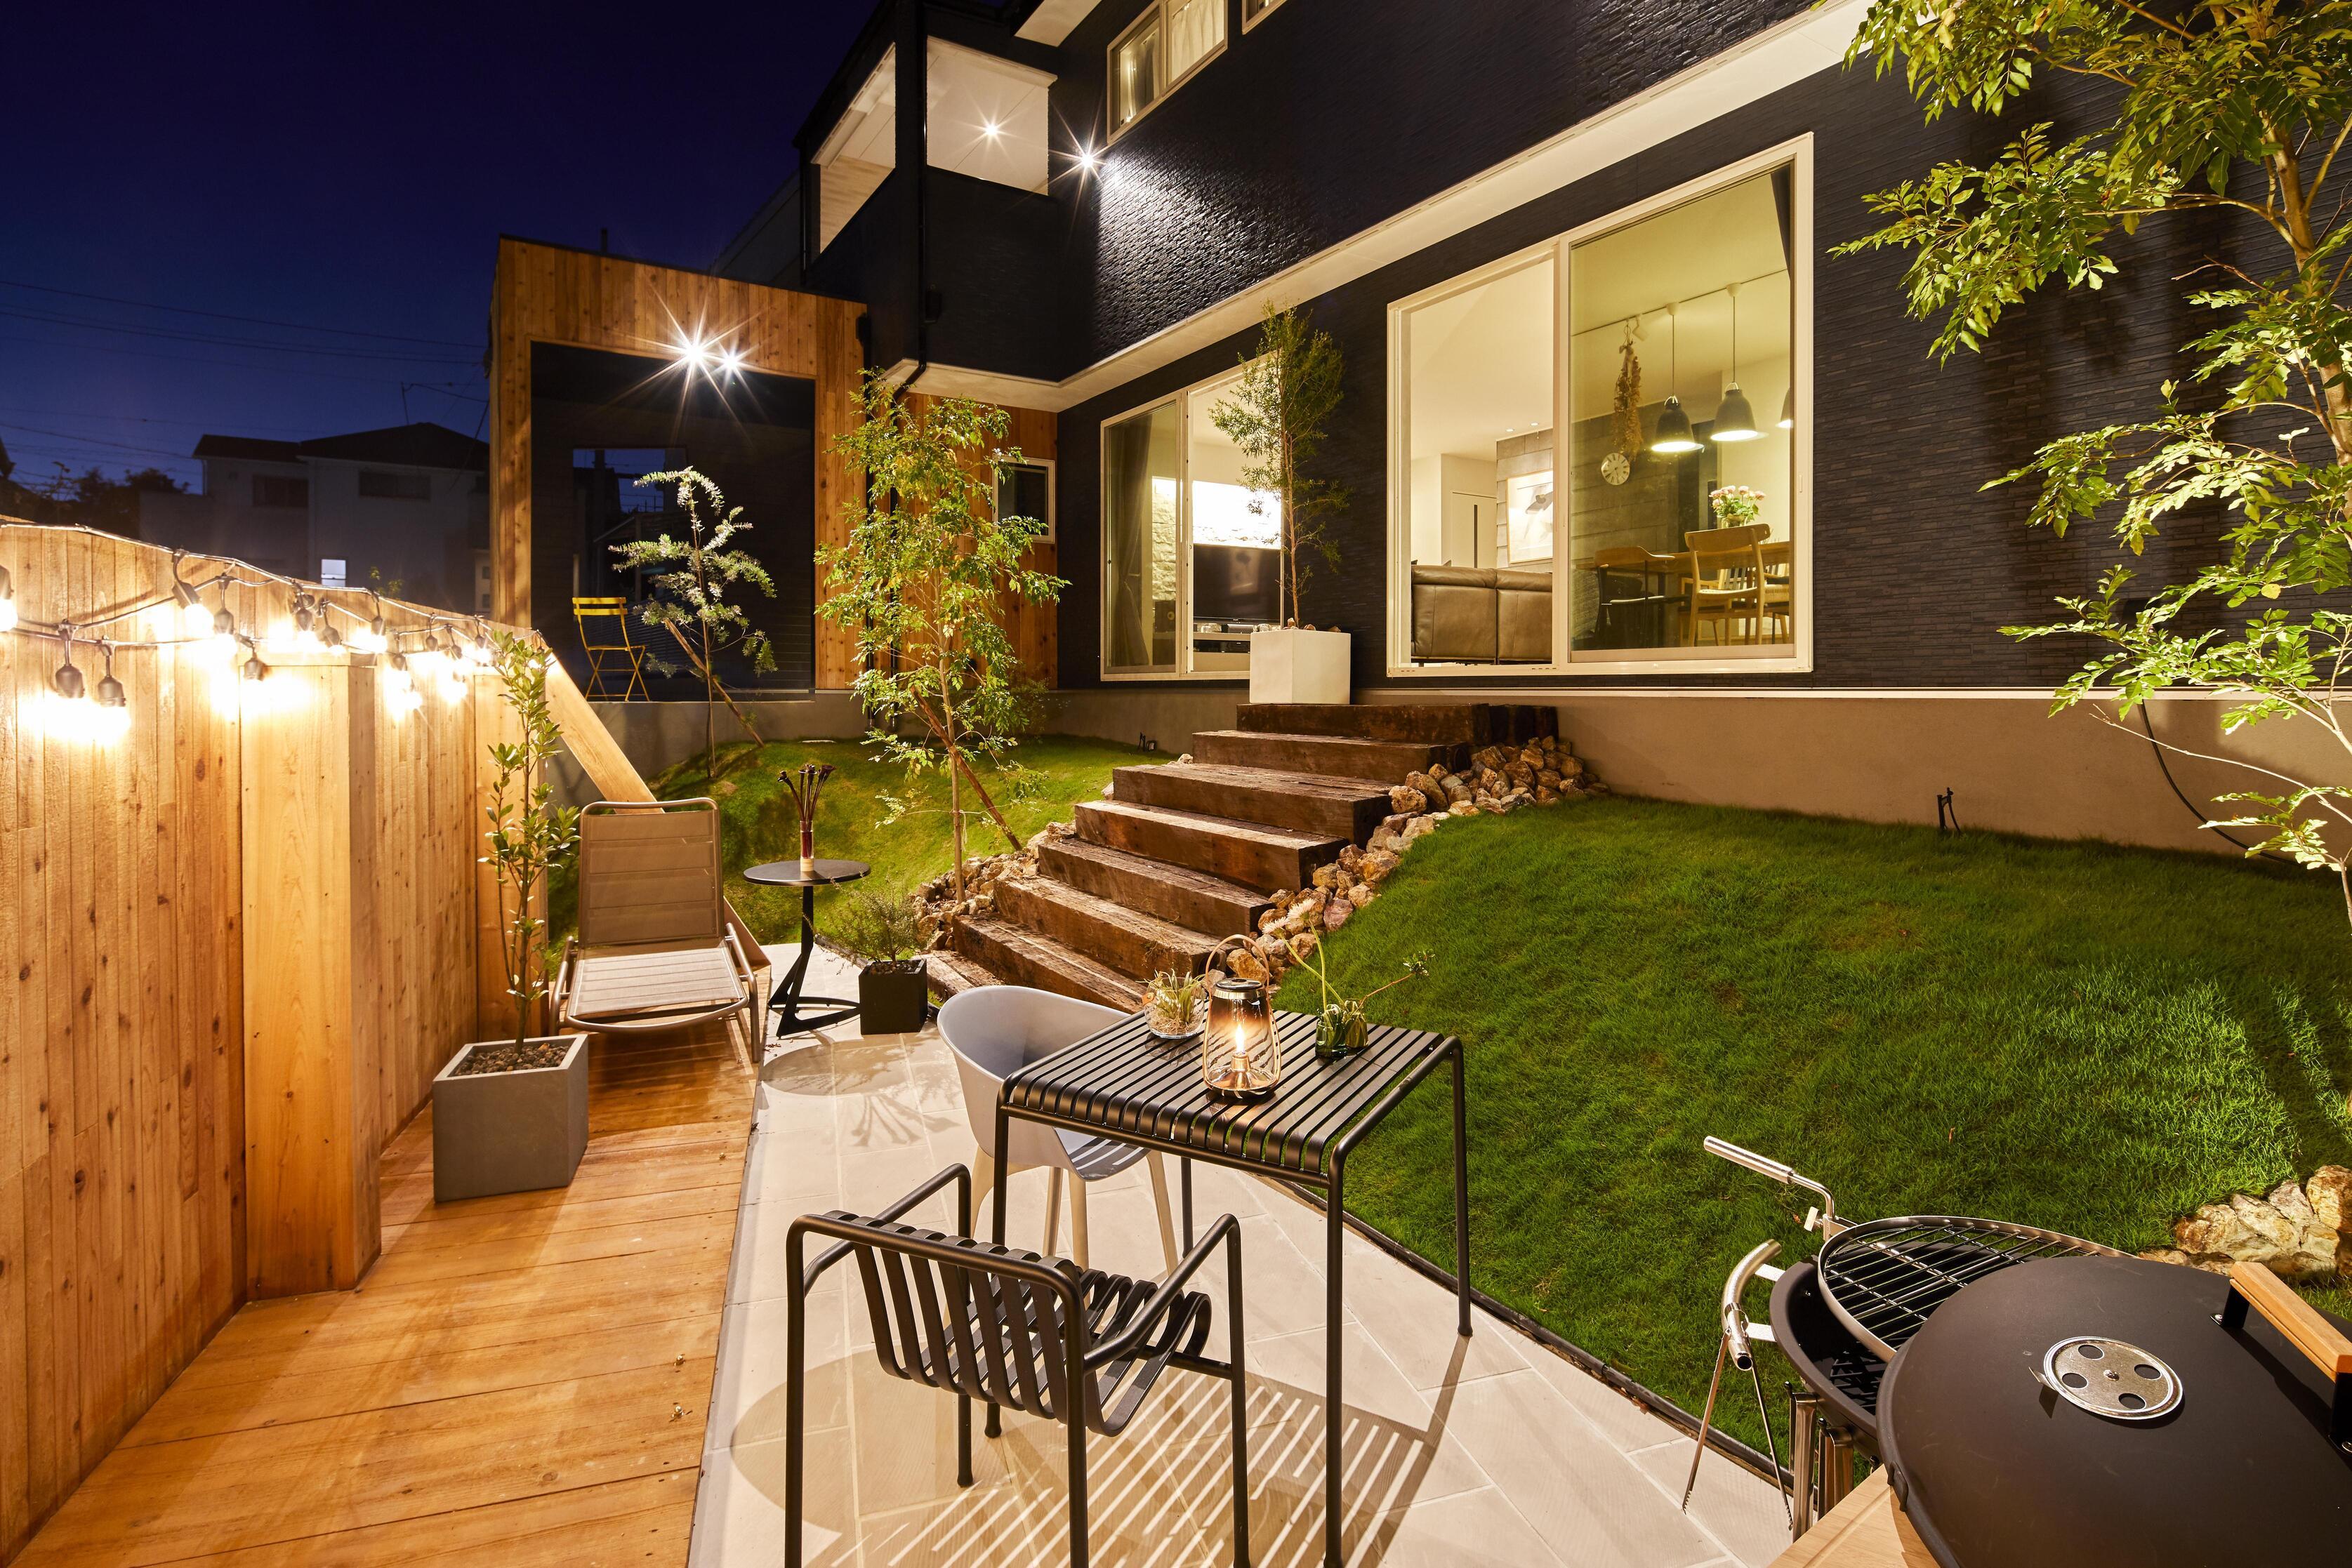 植栽が主役となるように外構を考えている。夜にライトアップされたガーデンはデザイン性が高いだけでなく、防犯としての役割も大きい